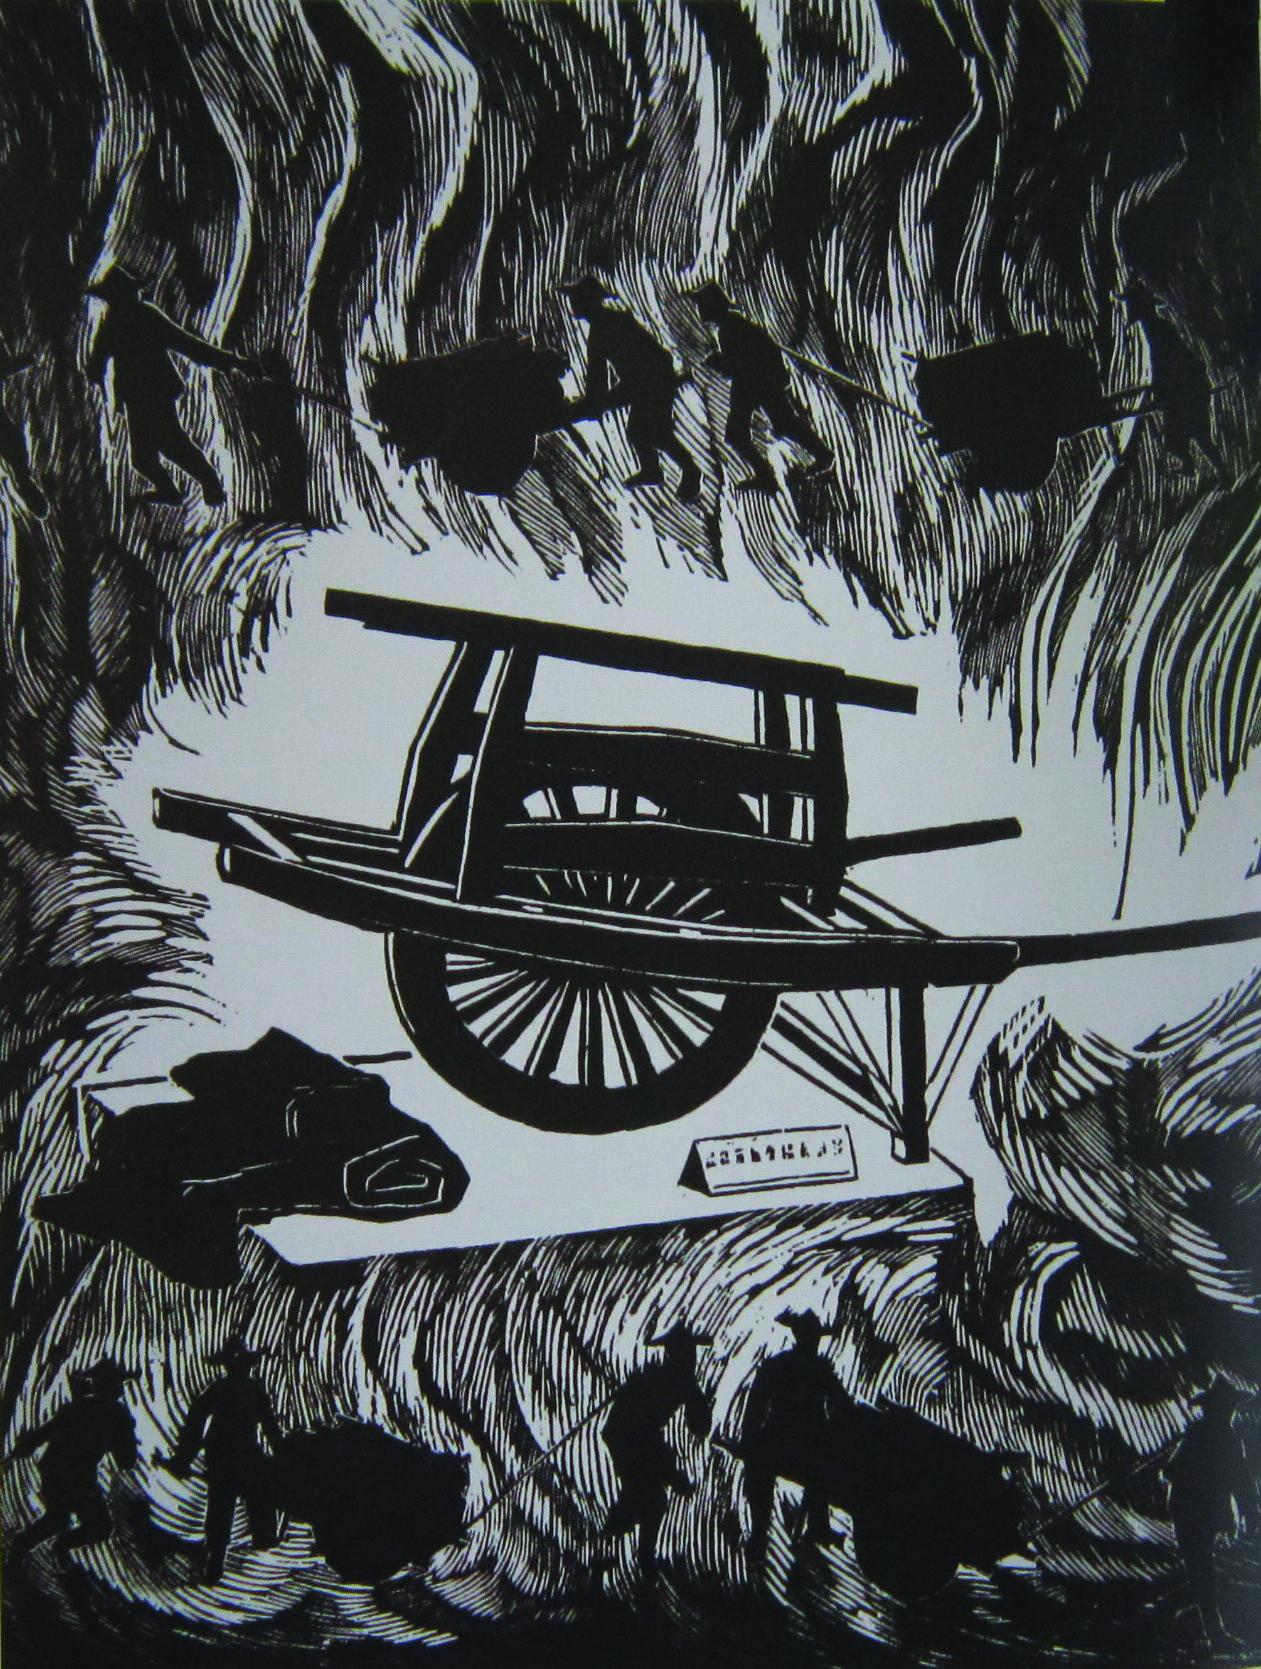 -->  陕西安康 刘勇先   临沂博物馆藏有李少言几幅版画。1987年李少言将自己历年创作的104幅版画精品捐献给家乡人民,这幅黑白木刻版画《独轮车》便是其中之一。   这幅黑白木刻版画所描绘的独轮车,是山东民间常用的、最普通的运输工具。车架、车轮用梨、枣、榆、槐等硬杂木打做,车轴用檀、栗、铁槚木等坚硬耐磨的木料制作。这种独轮车,老百姓叫洪车子,因为重车推起来吱哇,吱哇直叫唤,声音响亮而得名。它两边可分装货物,也可一边乘一个人,可装二三百斤东西。这种车子不好推,以前都是土路,推起车子很难保